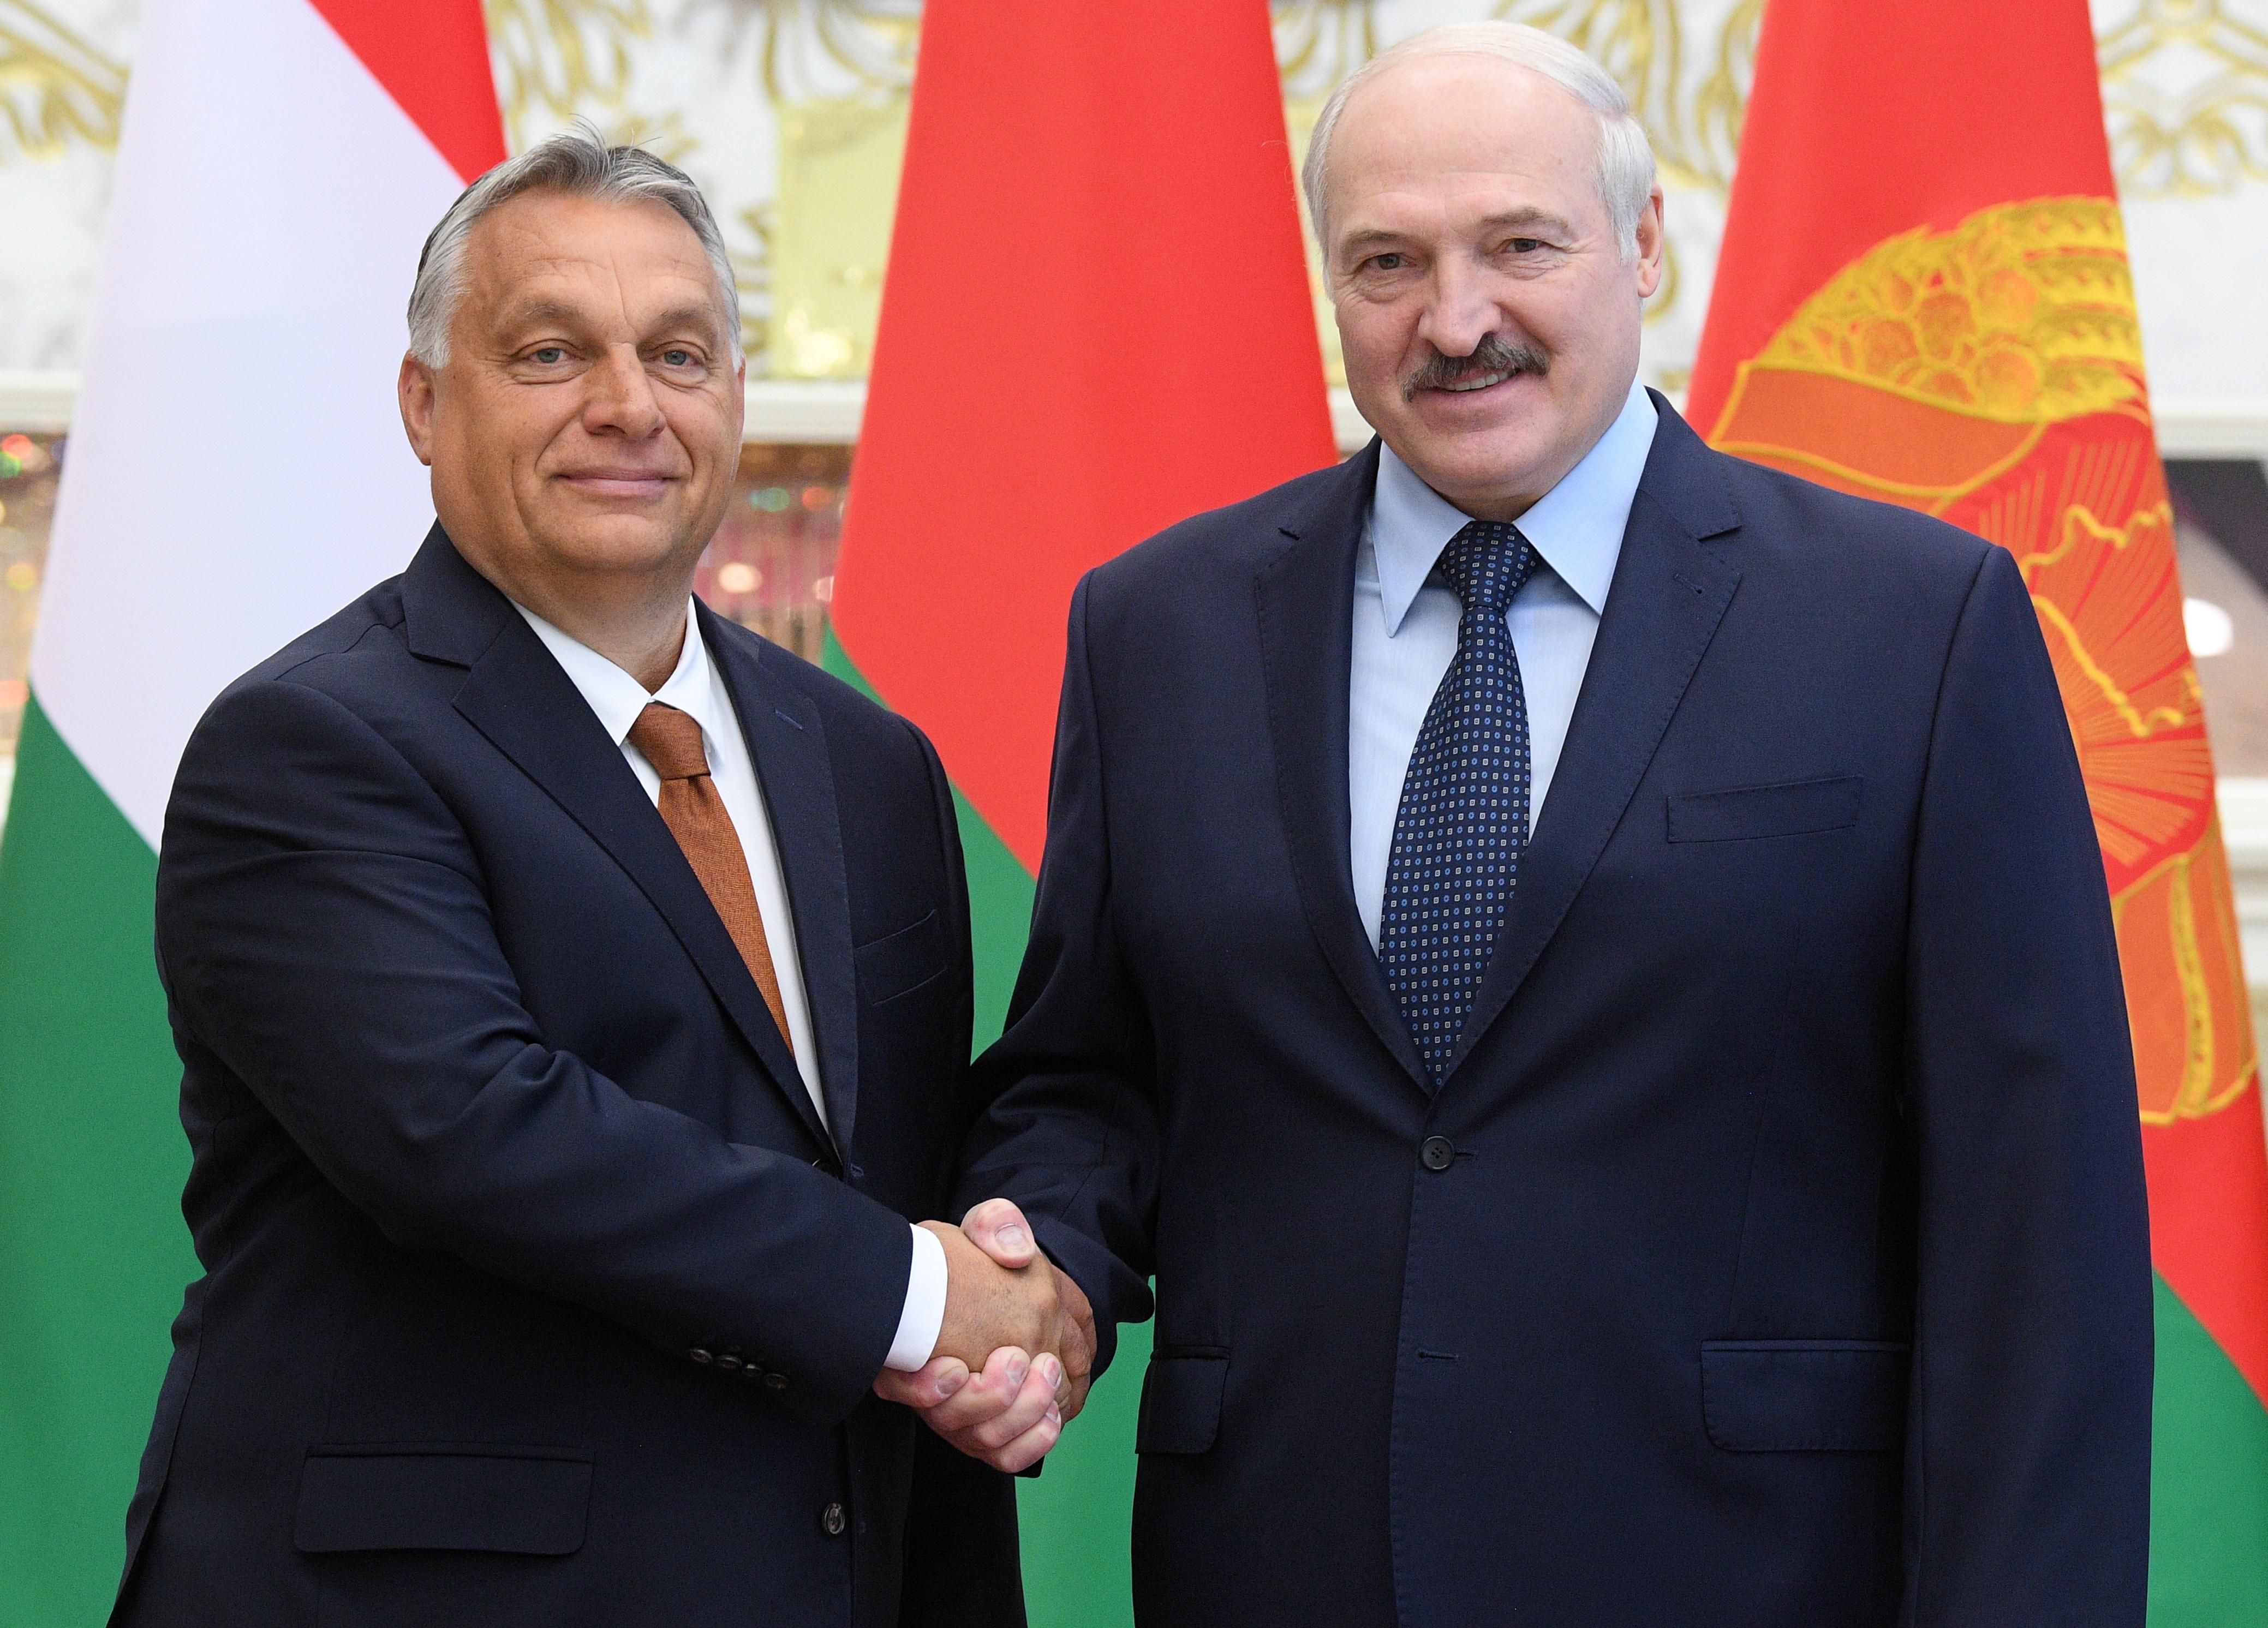 Orbán: Fehéroroszország ügyében a visegrádi országok között egyetértés van